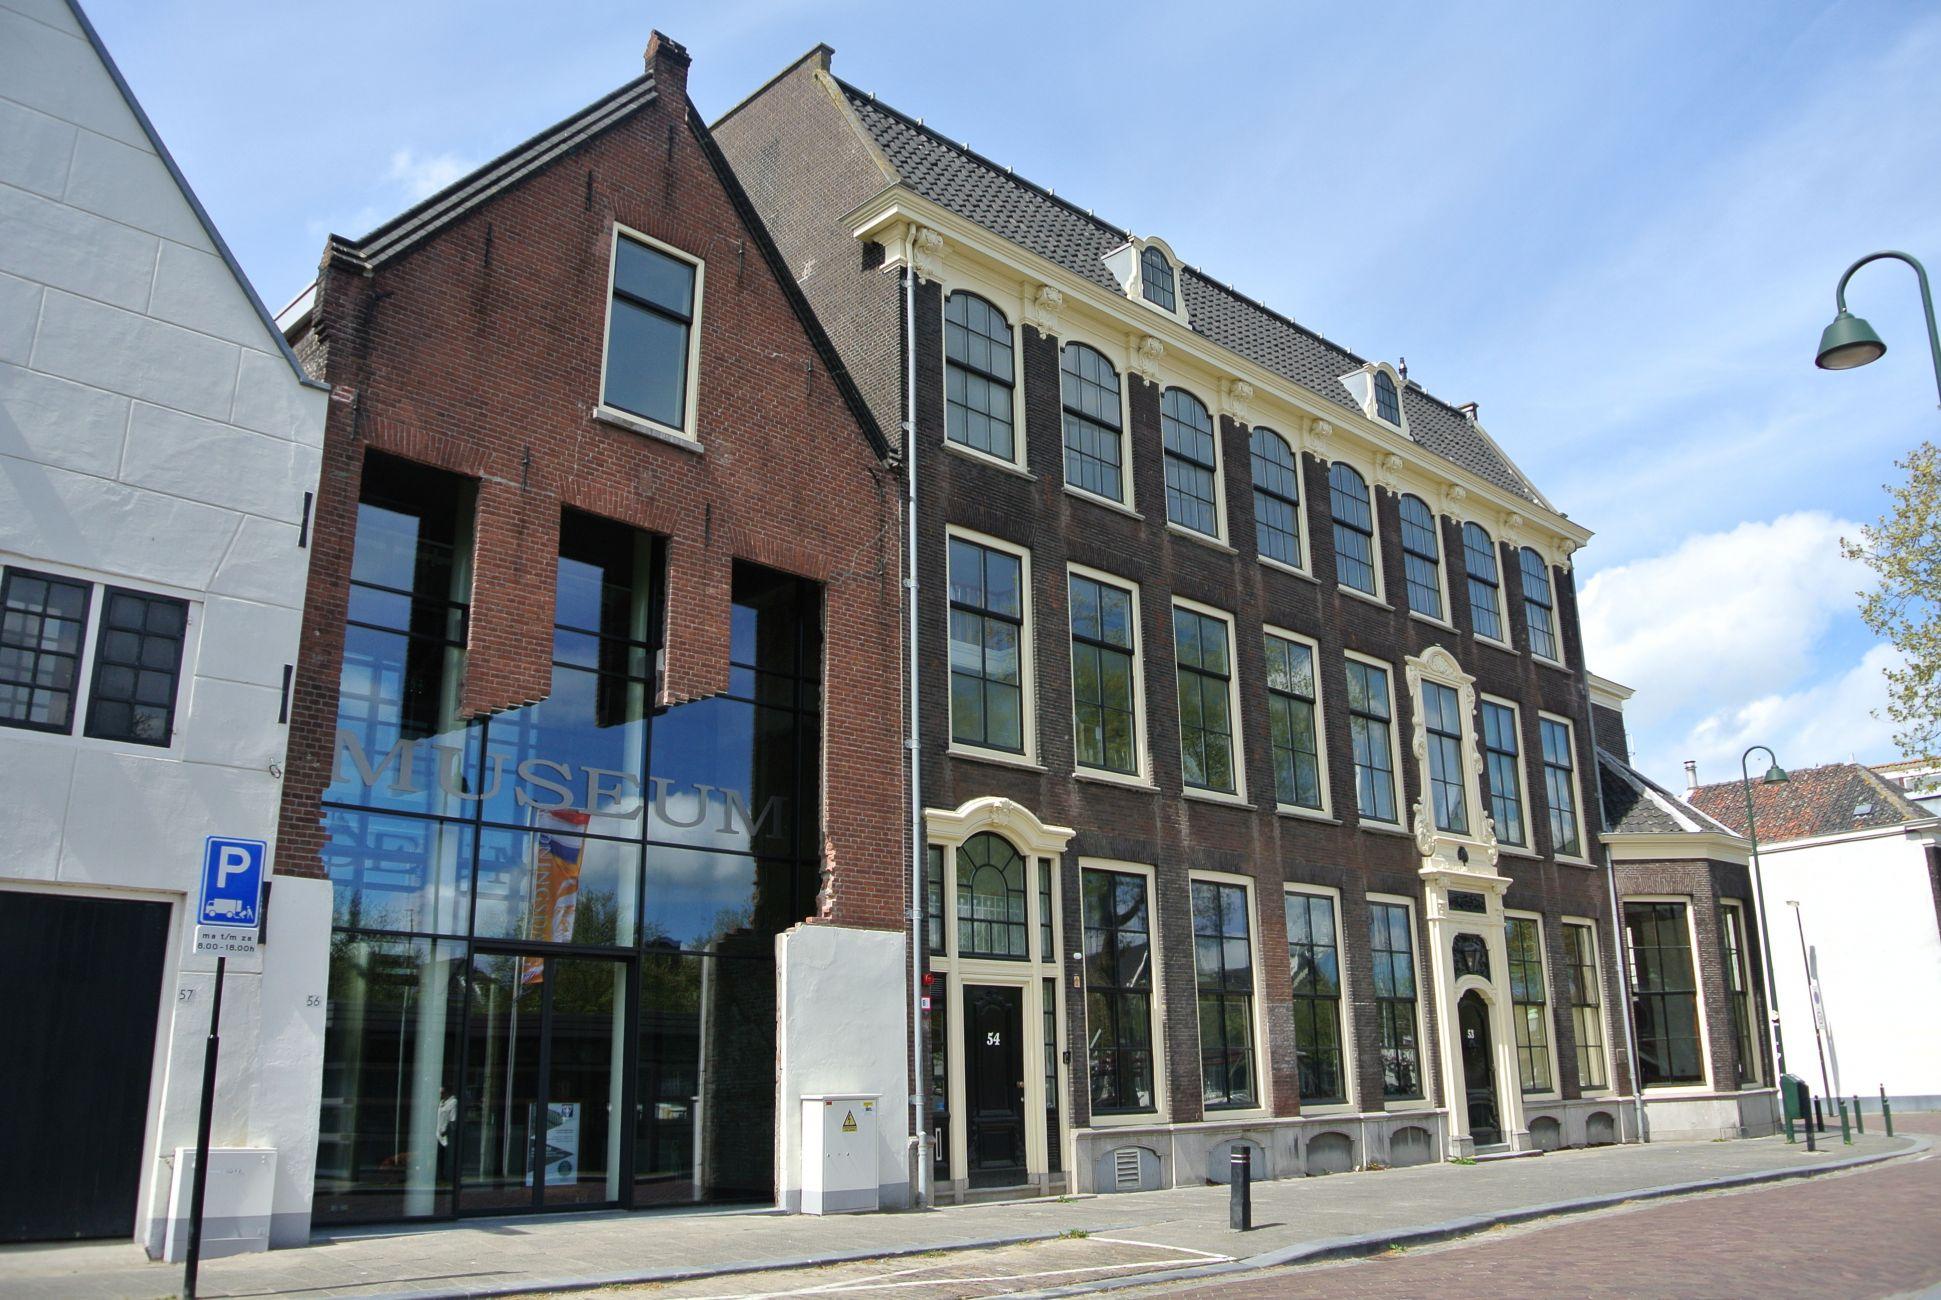 Read more about the article Vrouwen op Scheveningen: de cijfers duiden & spreken op een symposium